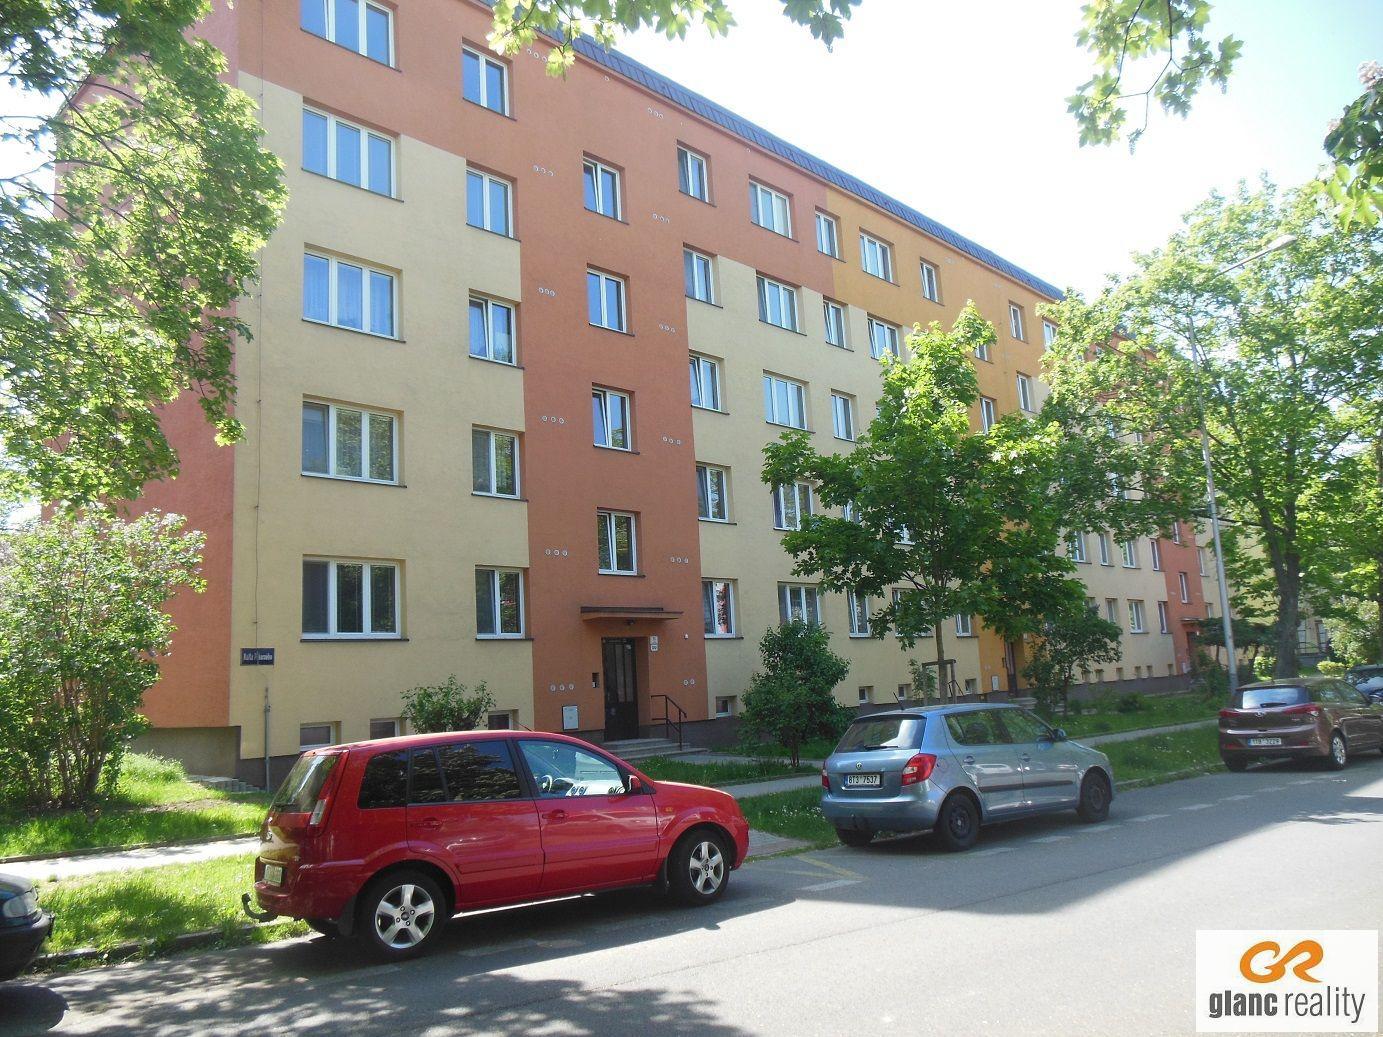 Pronájem zařízeného bytu 1+kk, ul. Karla Pokorného, Ostrava-Poruba